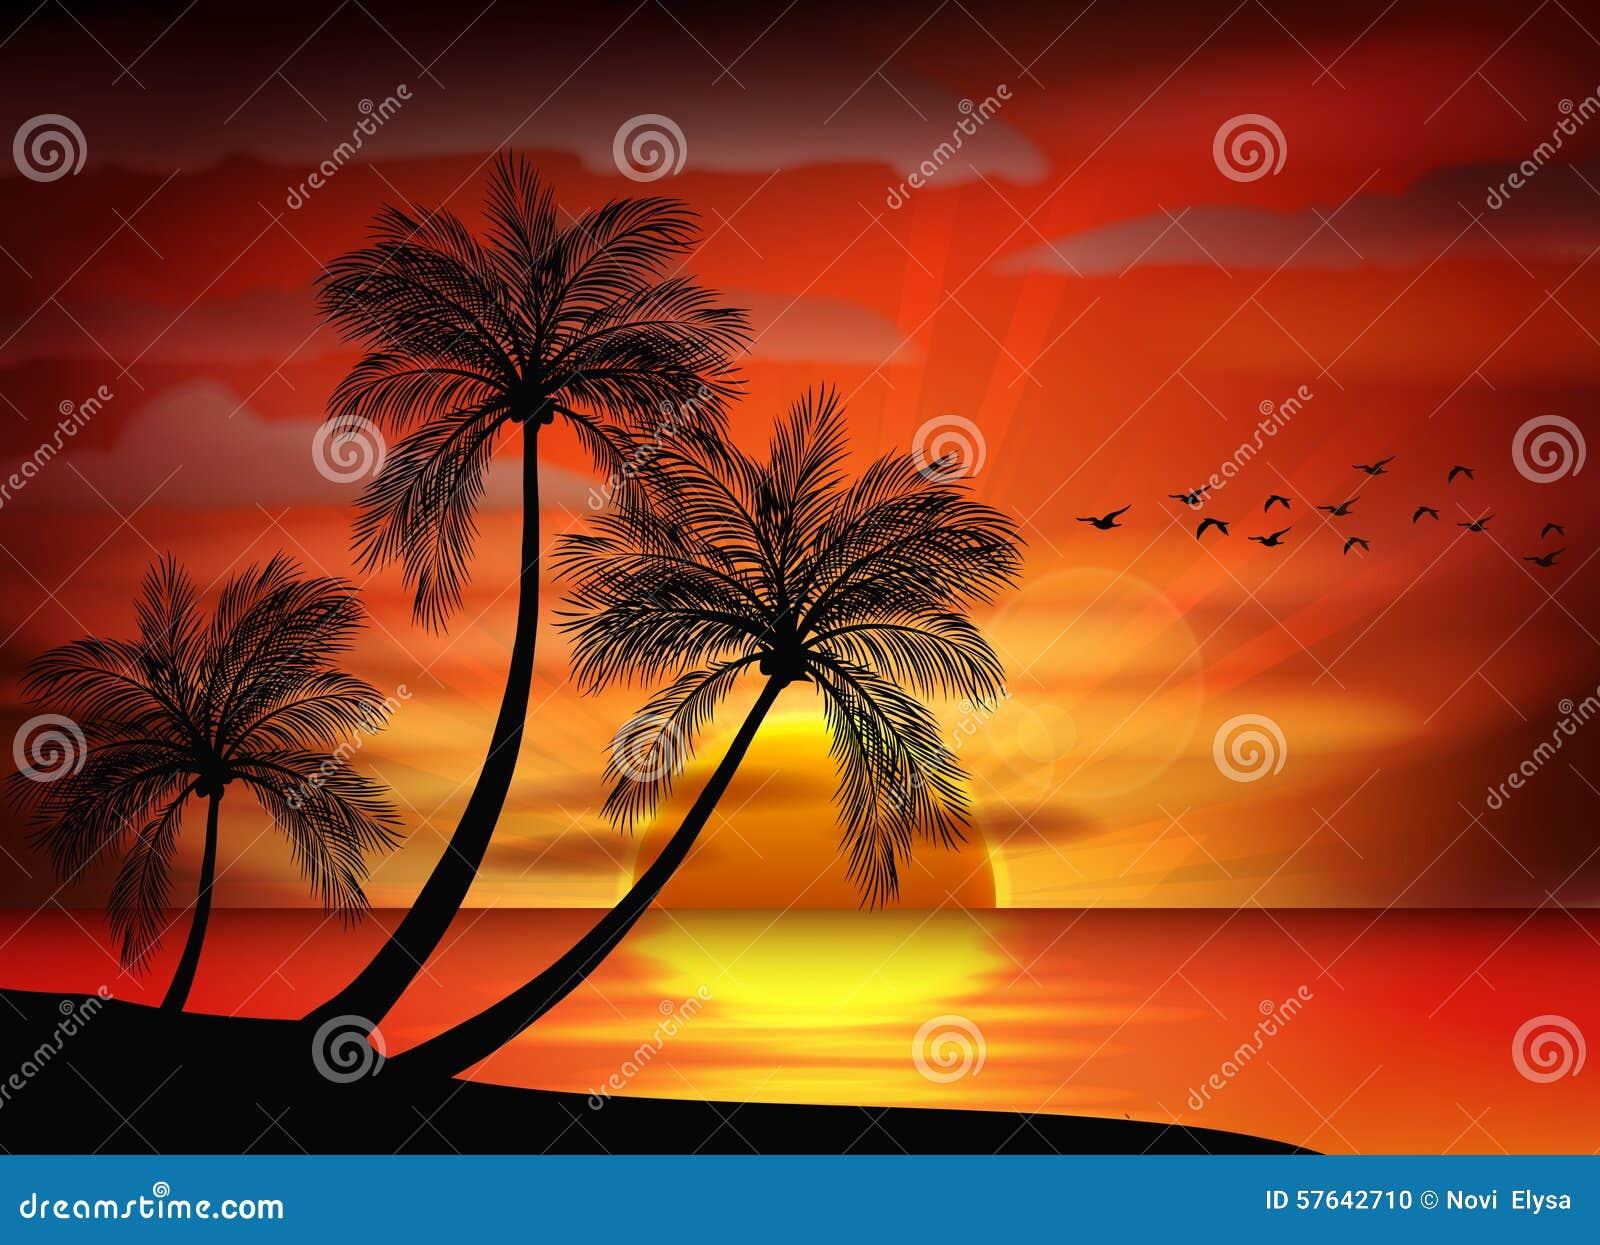 Foto del tramonto sul mare illustrazione vettoriale for Immagine di un disegno di architetto